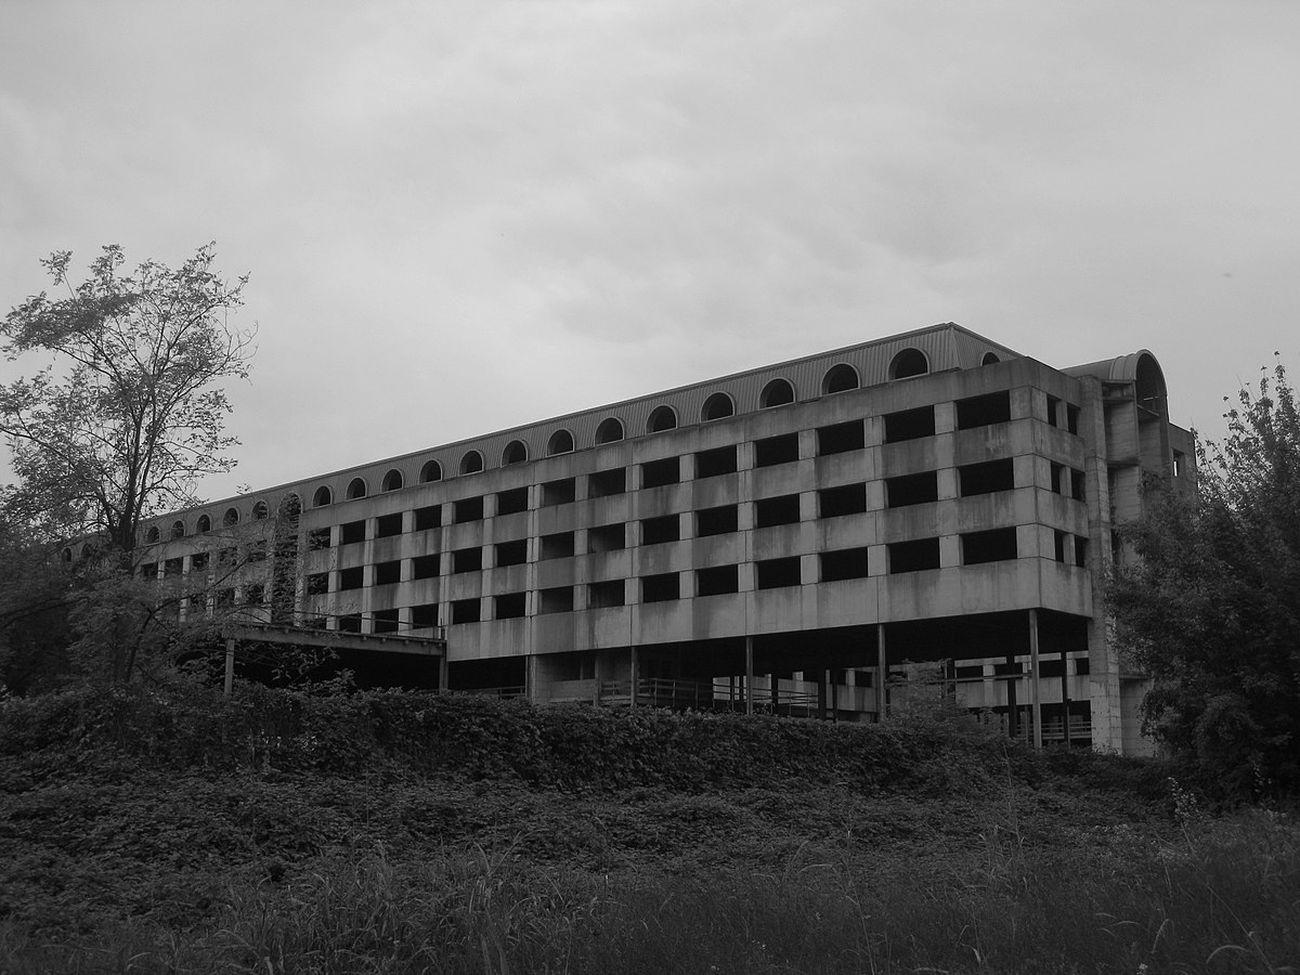 L'albergo incompiuto e ora abbattuto a Milano, quartiere Ponte Lambro